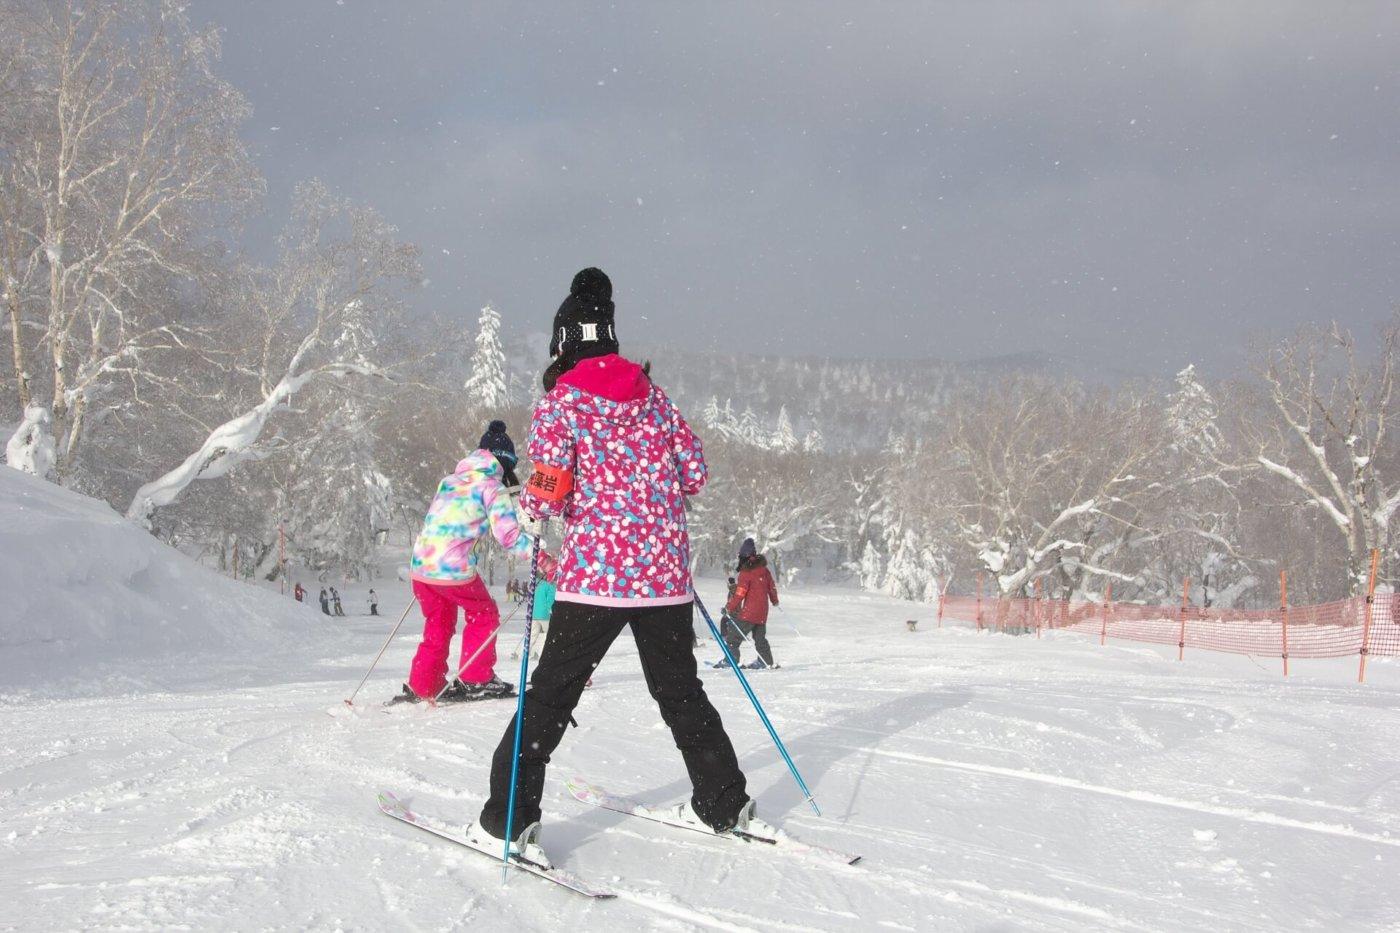 これで初心者も大丈夫!道具を揃えて、スキー場へ出かけよう